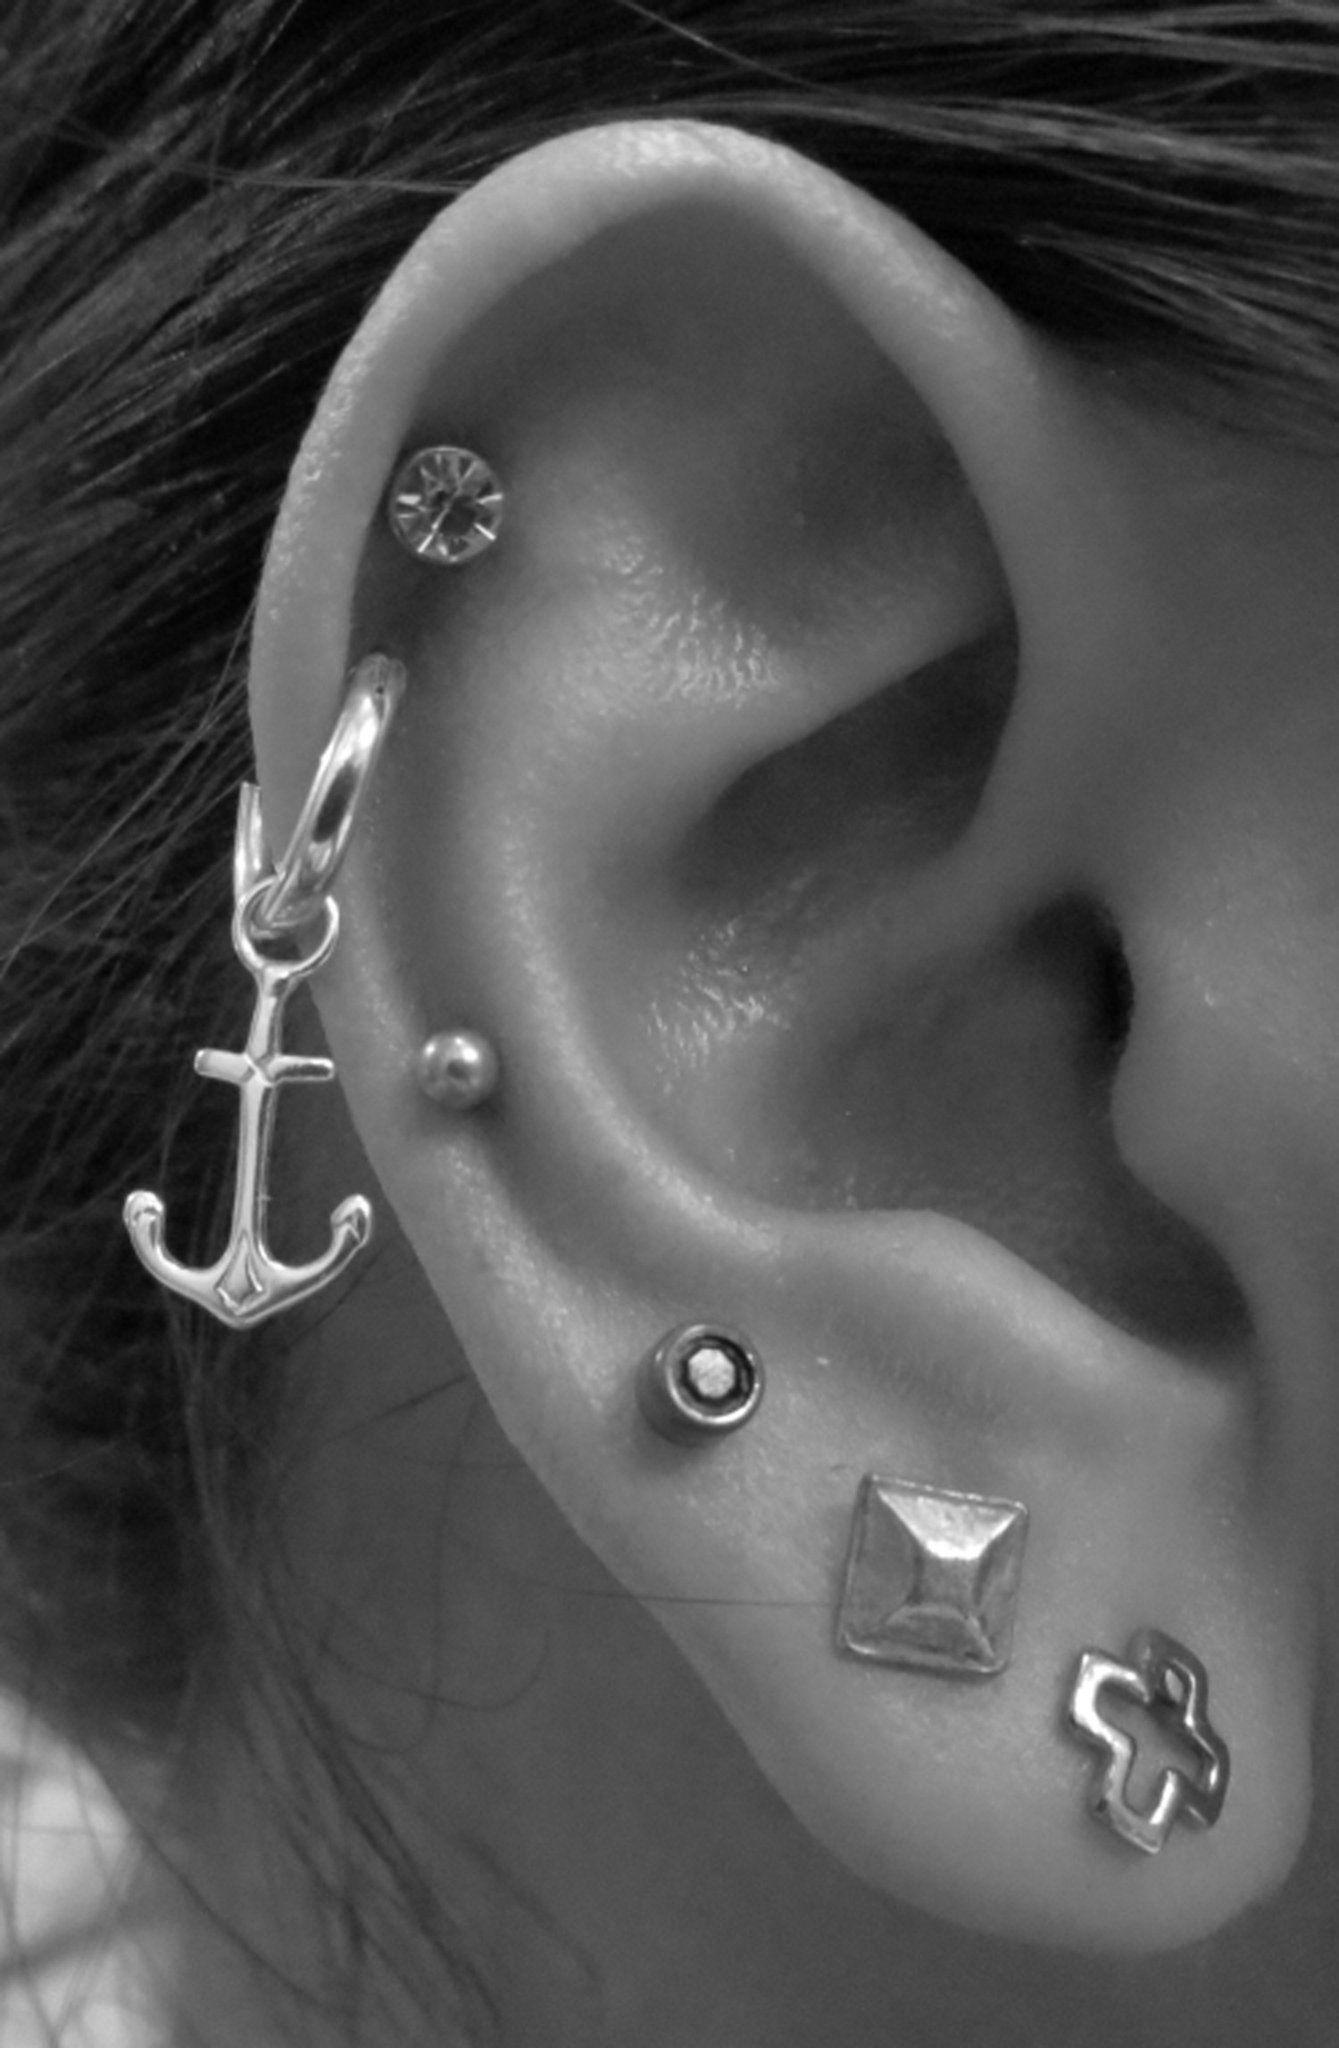 Second ear piercing ideas   Unique Ear Piercing Ideas for the Adventurous  Ear piercings